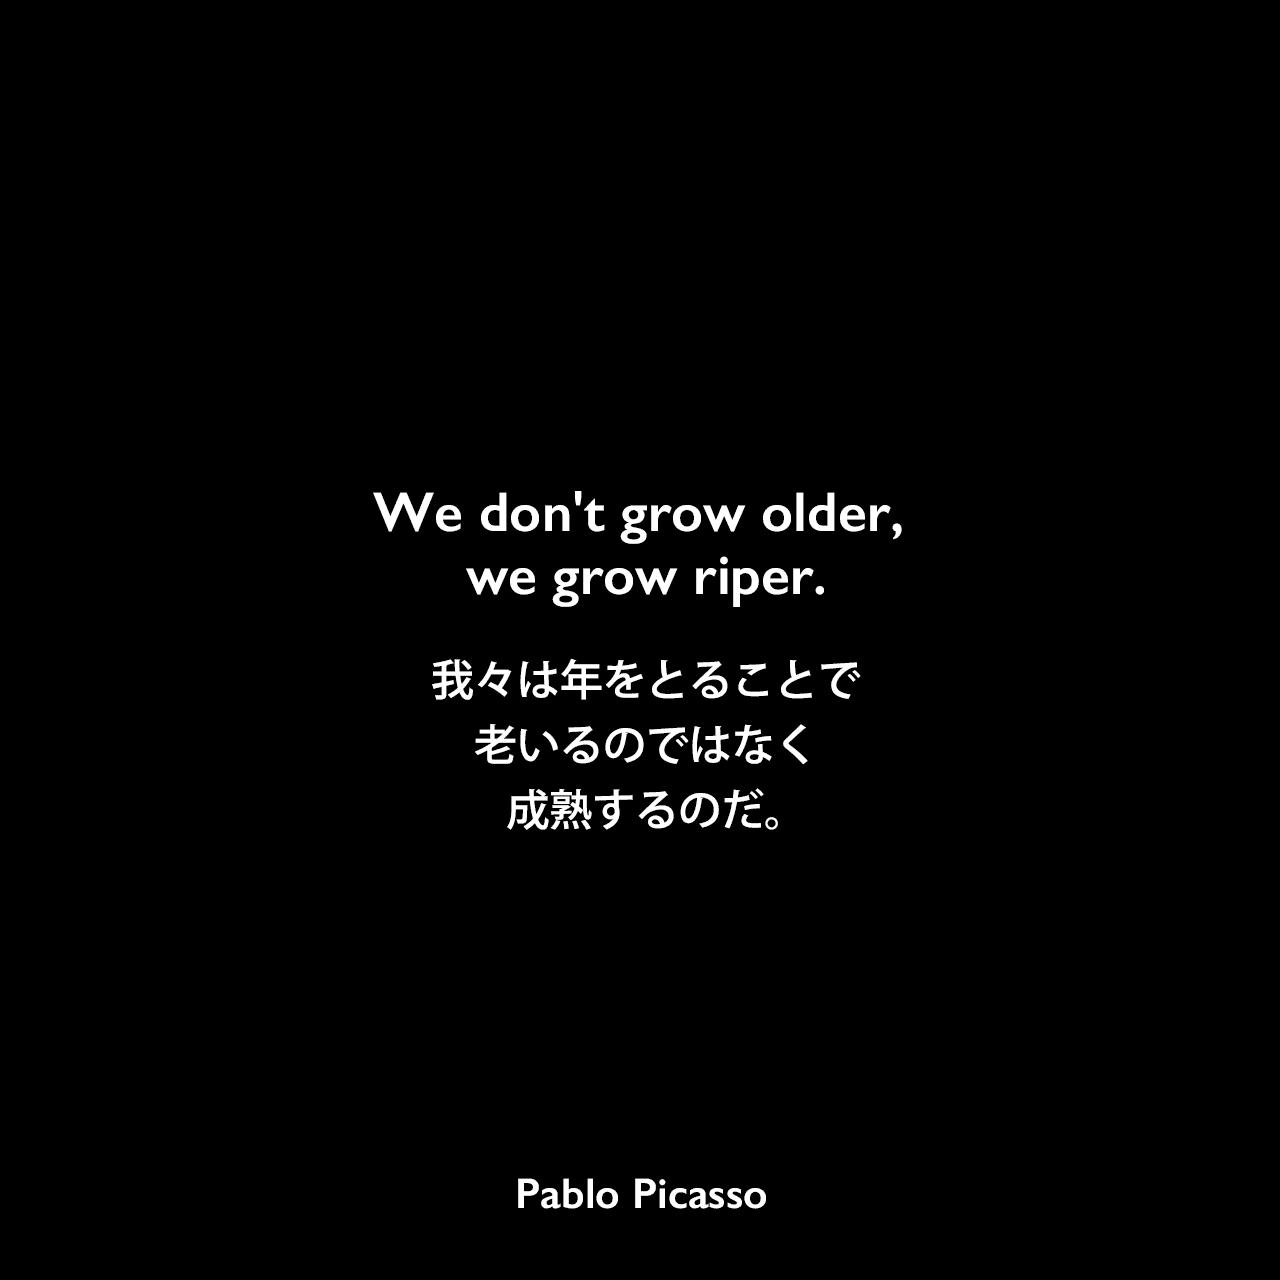 We don't grow older, we grow riper.我々は年をとることで老いるのではなく成熟するのだ。Pablo Picasso